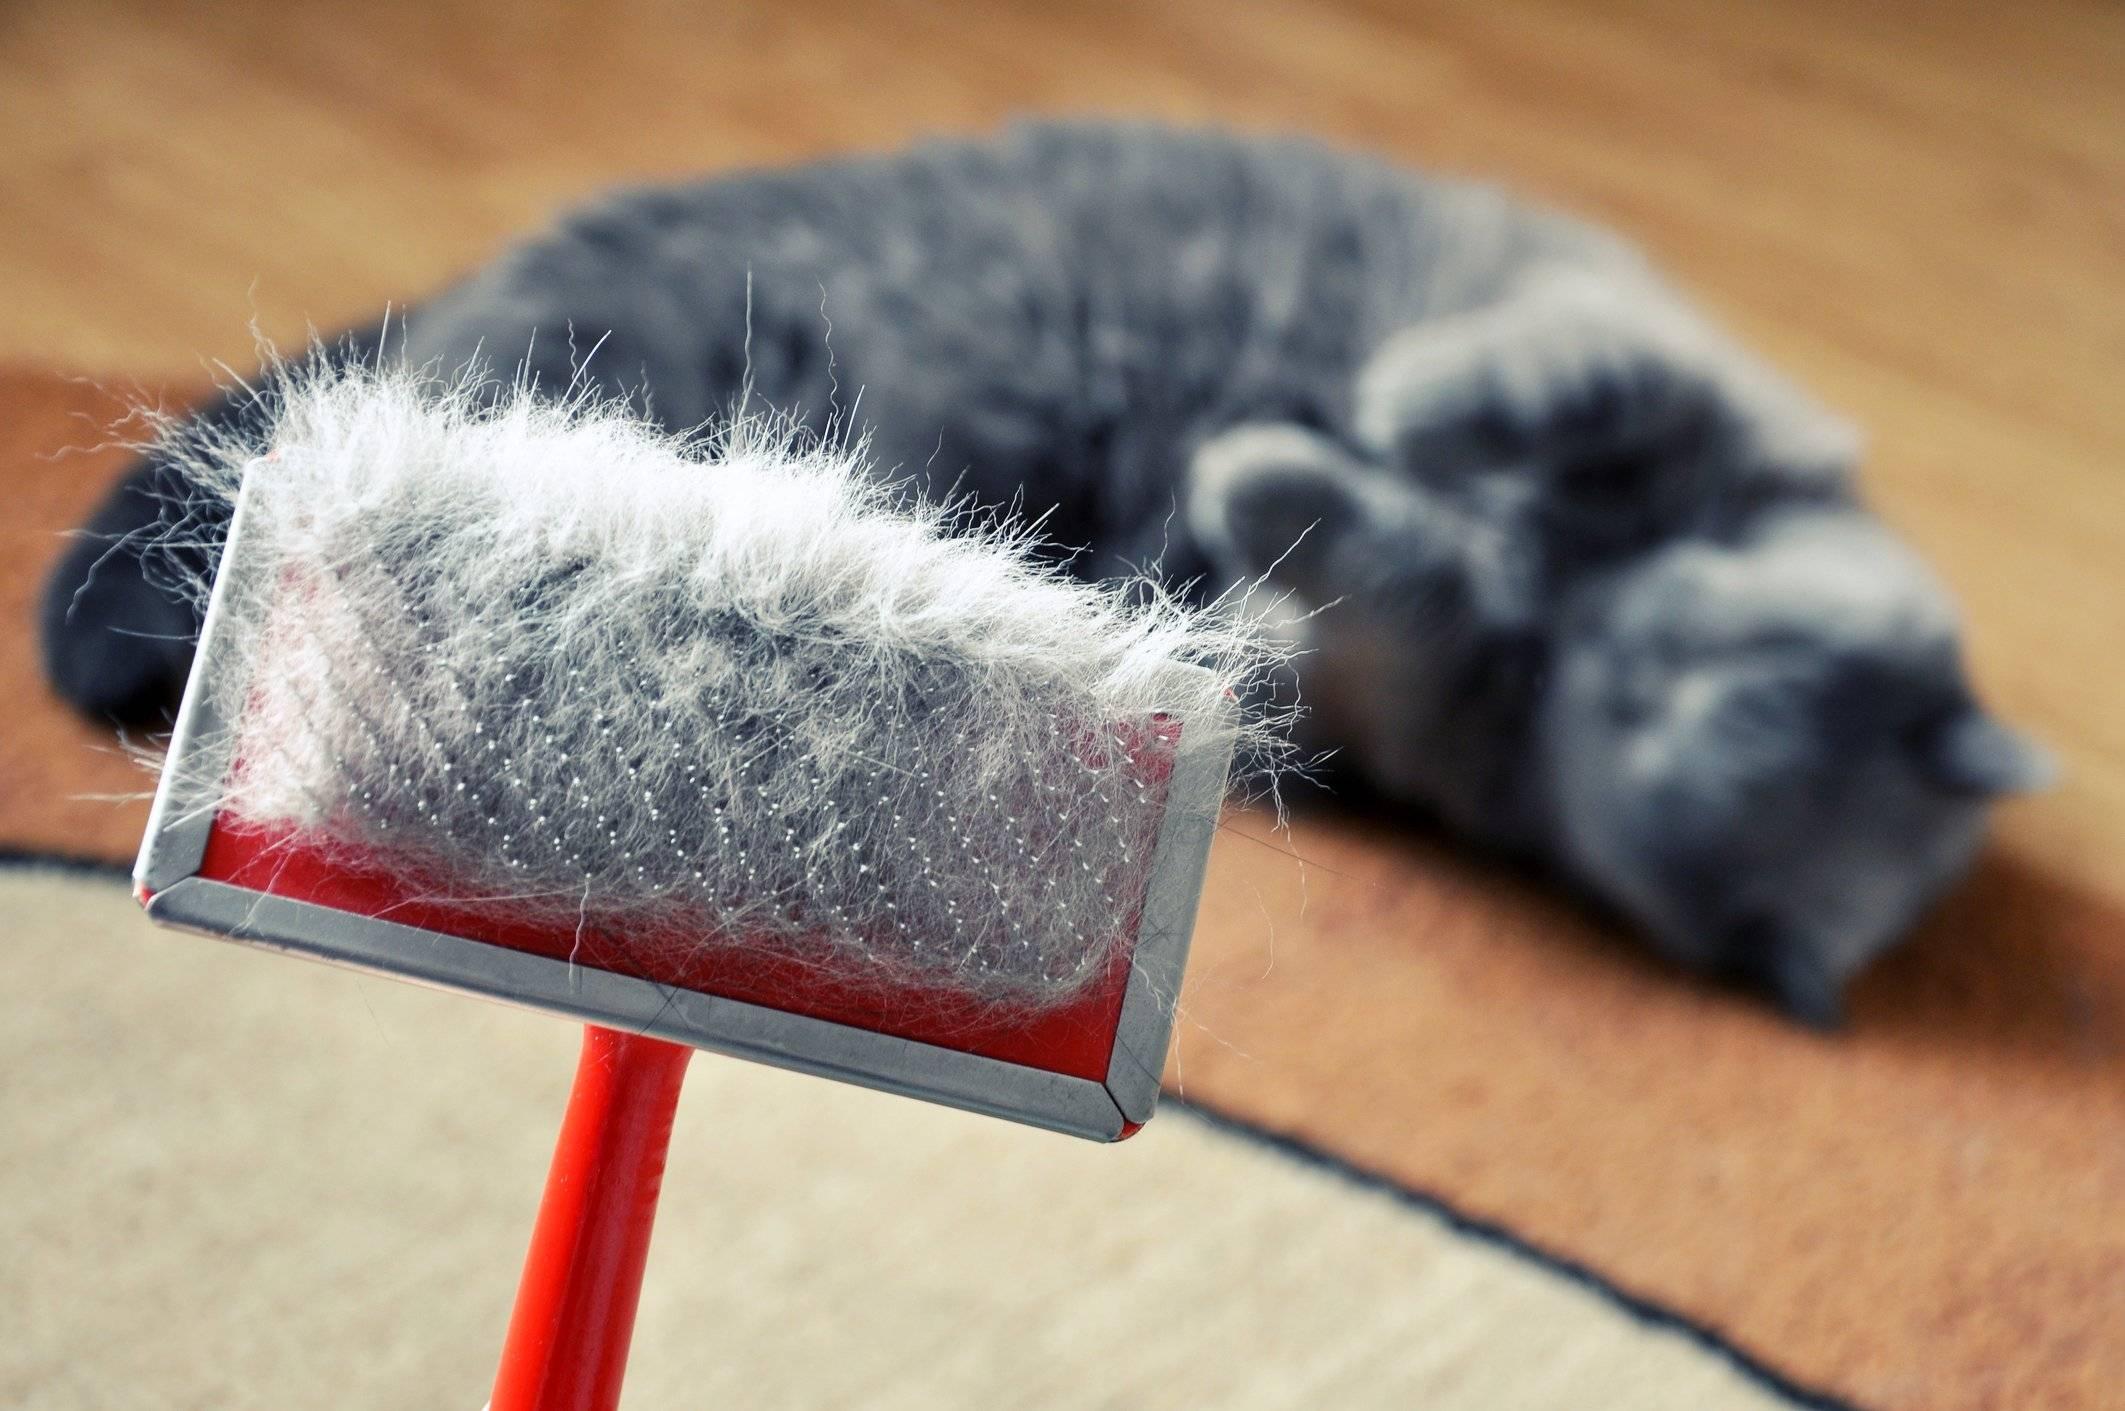 Перхоть у кошек — поиск причины, лечение, виды заболевания и особенности ухода за шерстю кошки (100 фото)